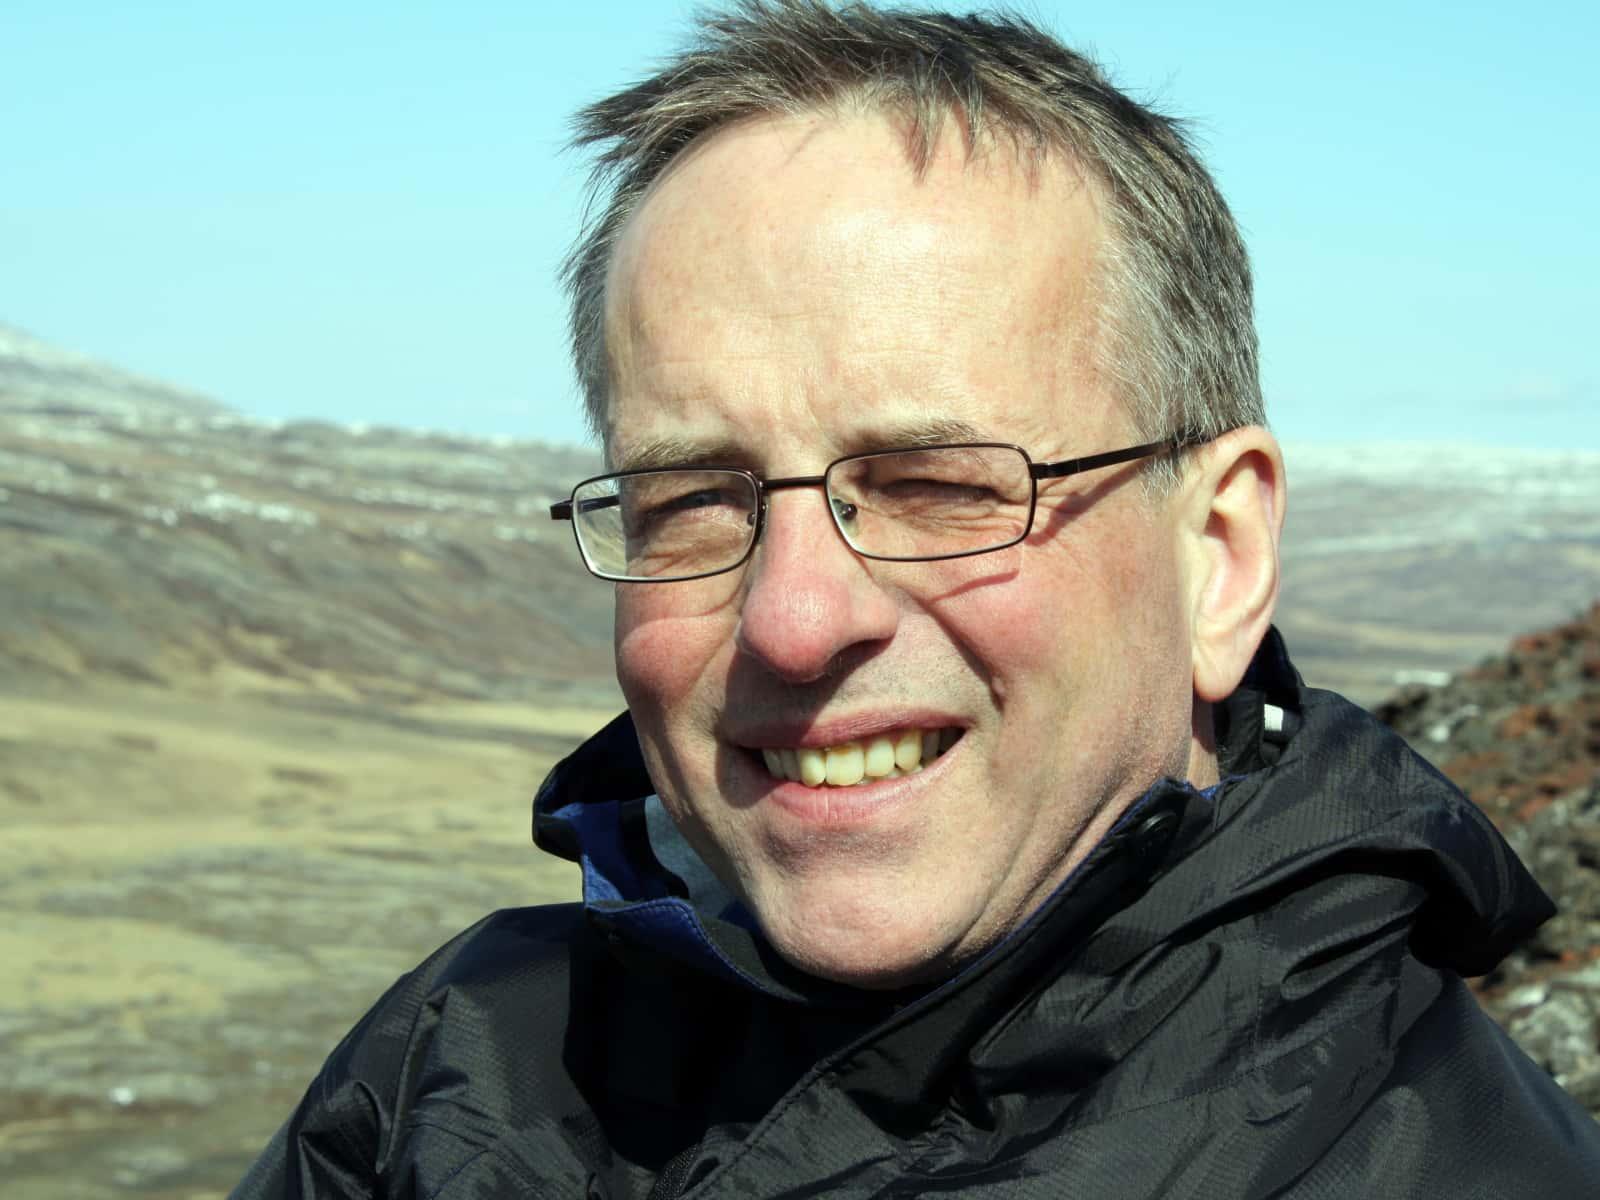 Helgi from Reykjavík, Iceland